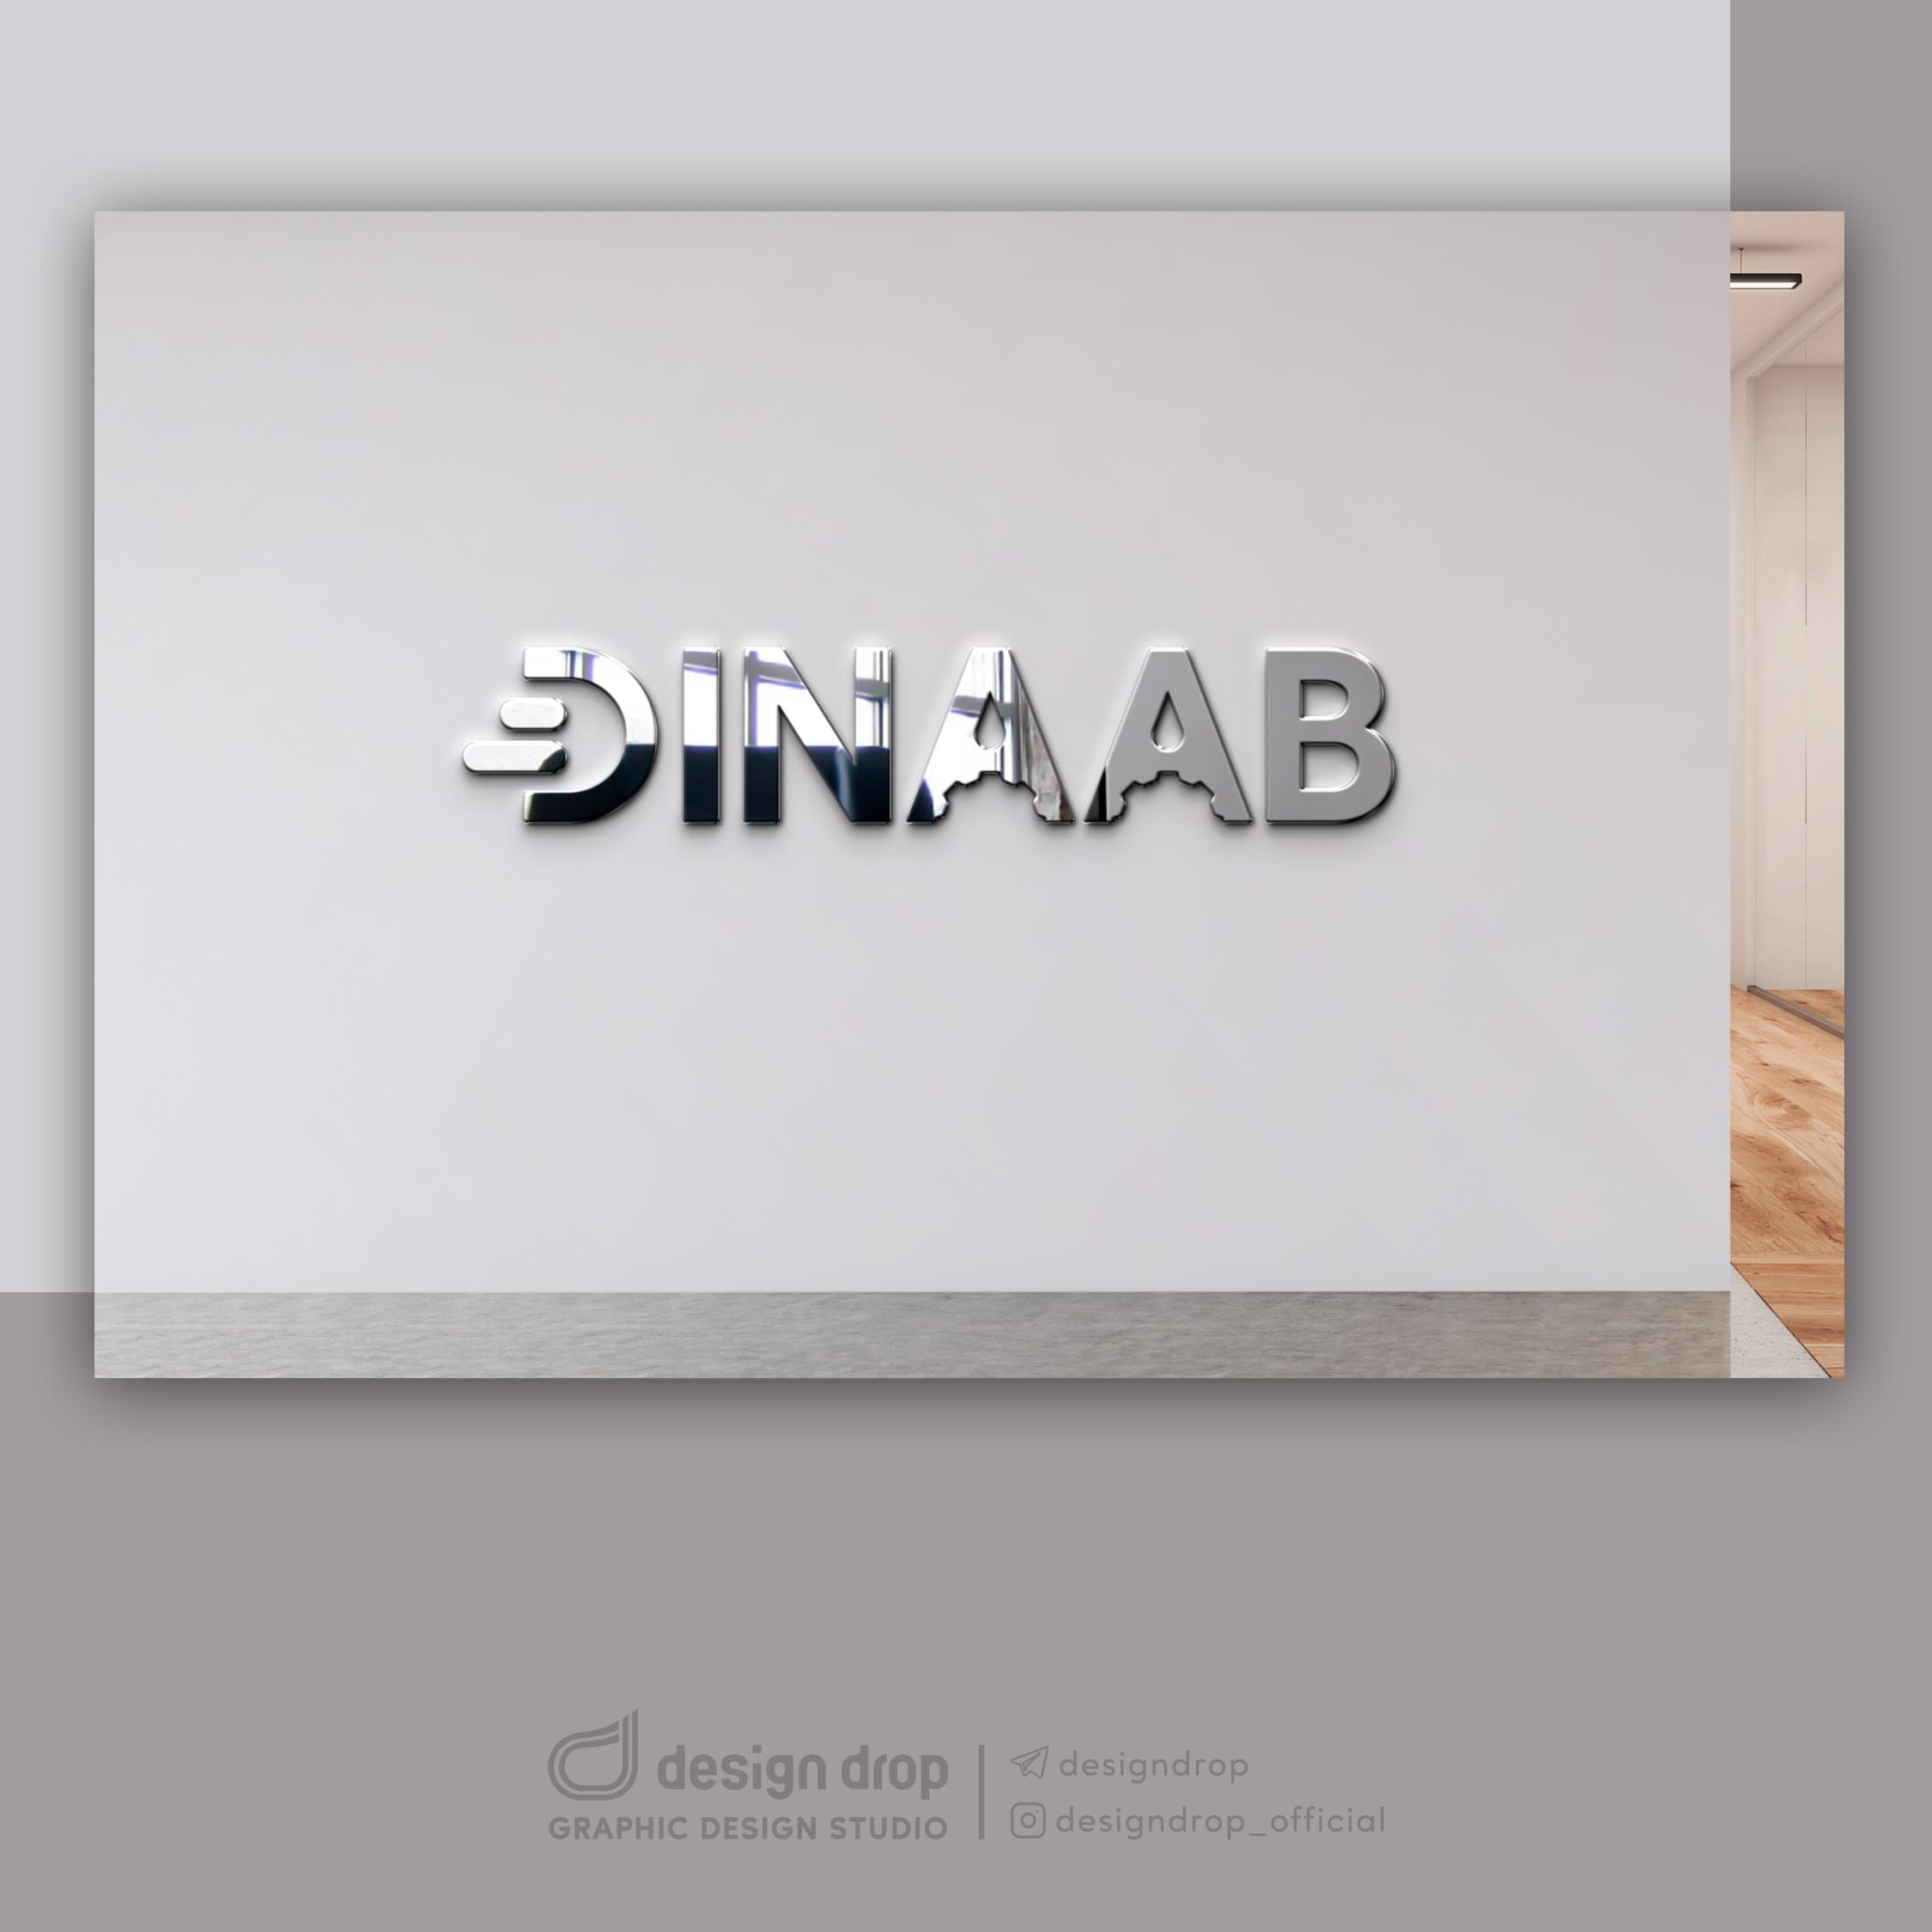 طراحی لوگو دیناب